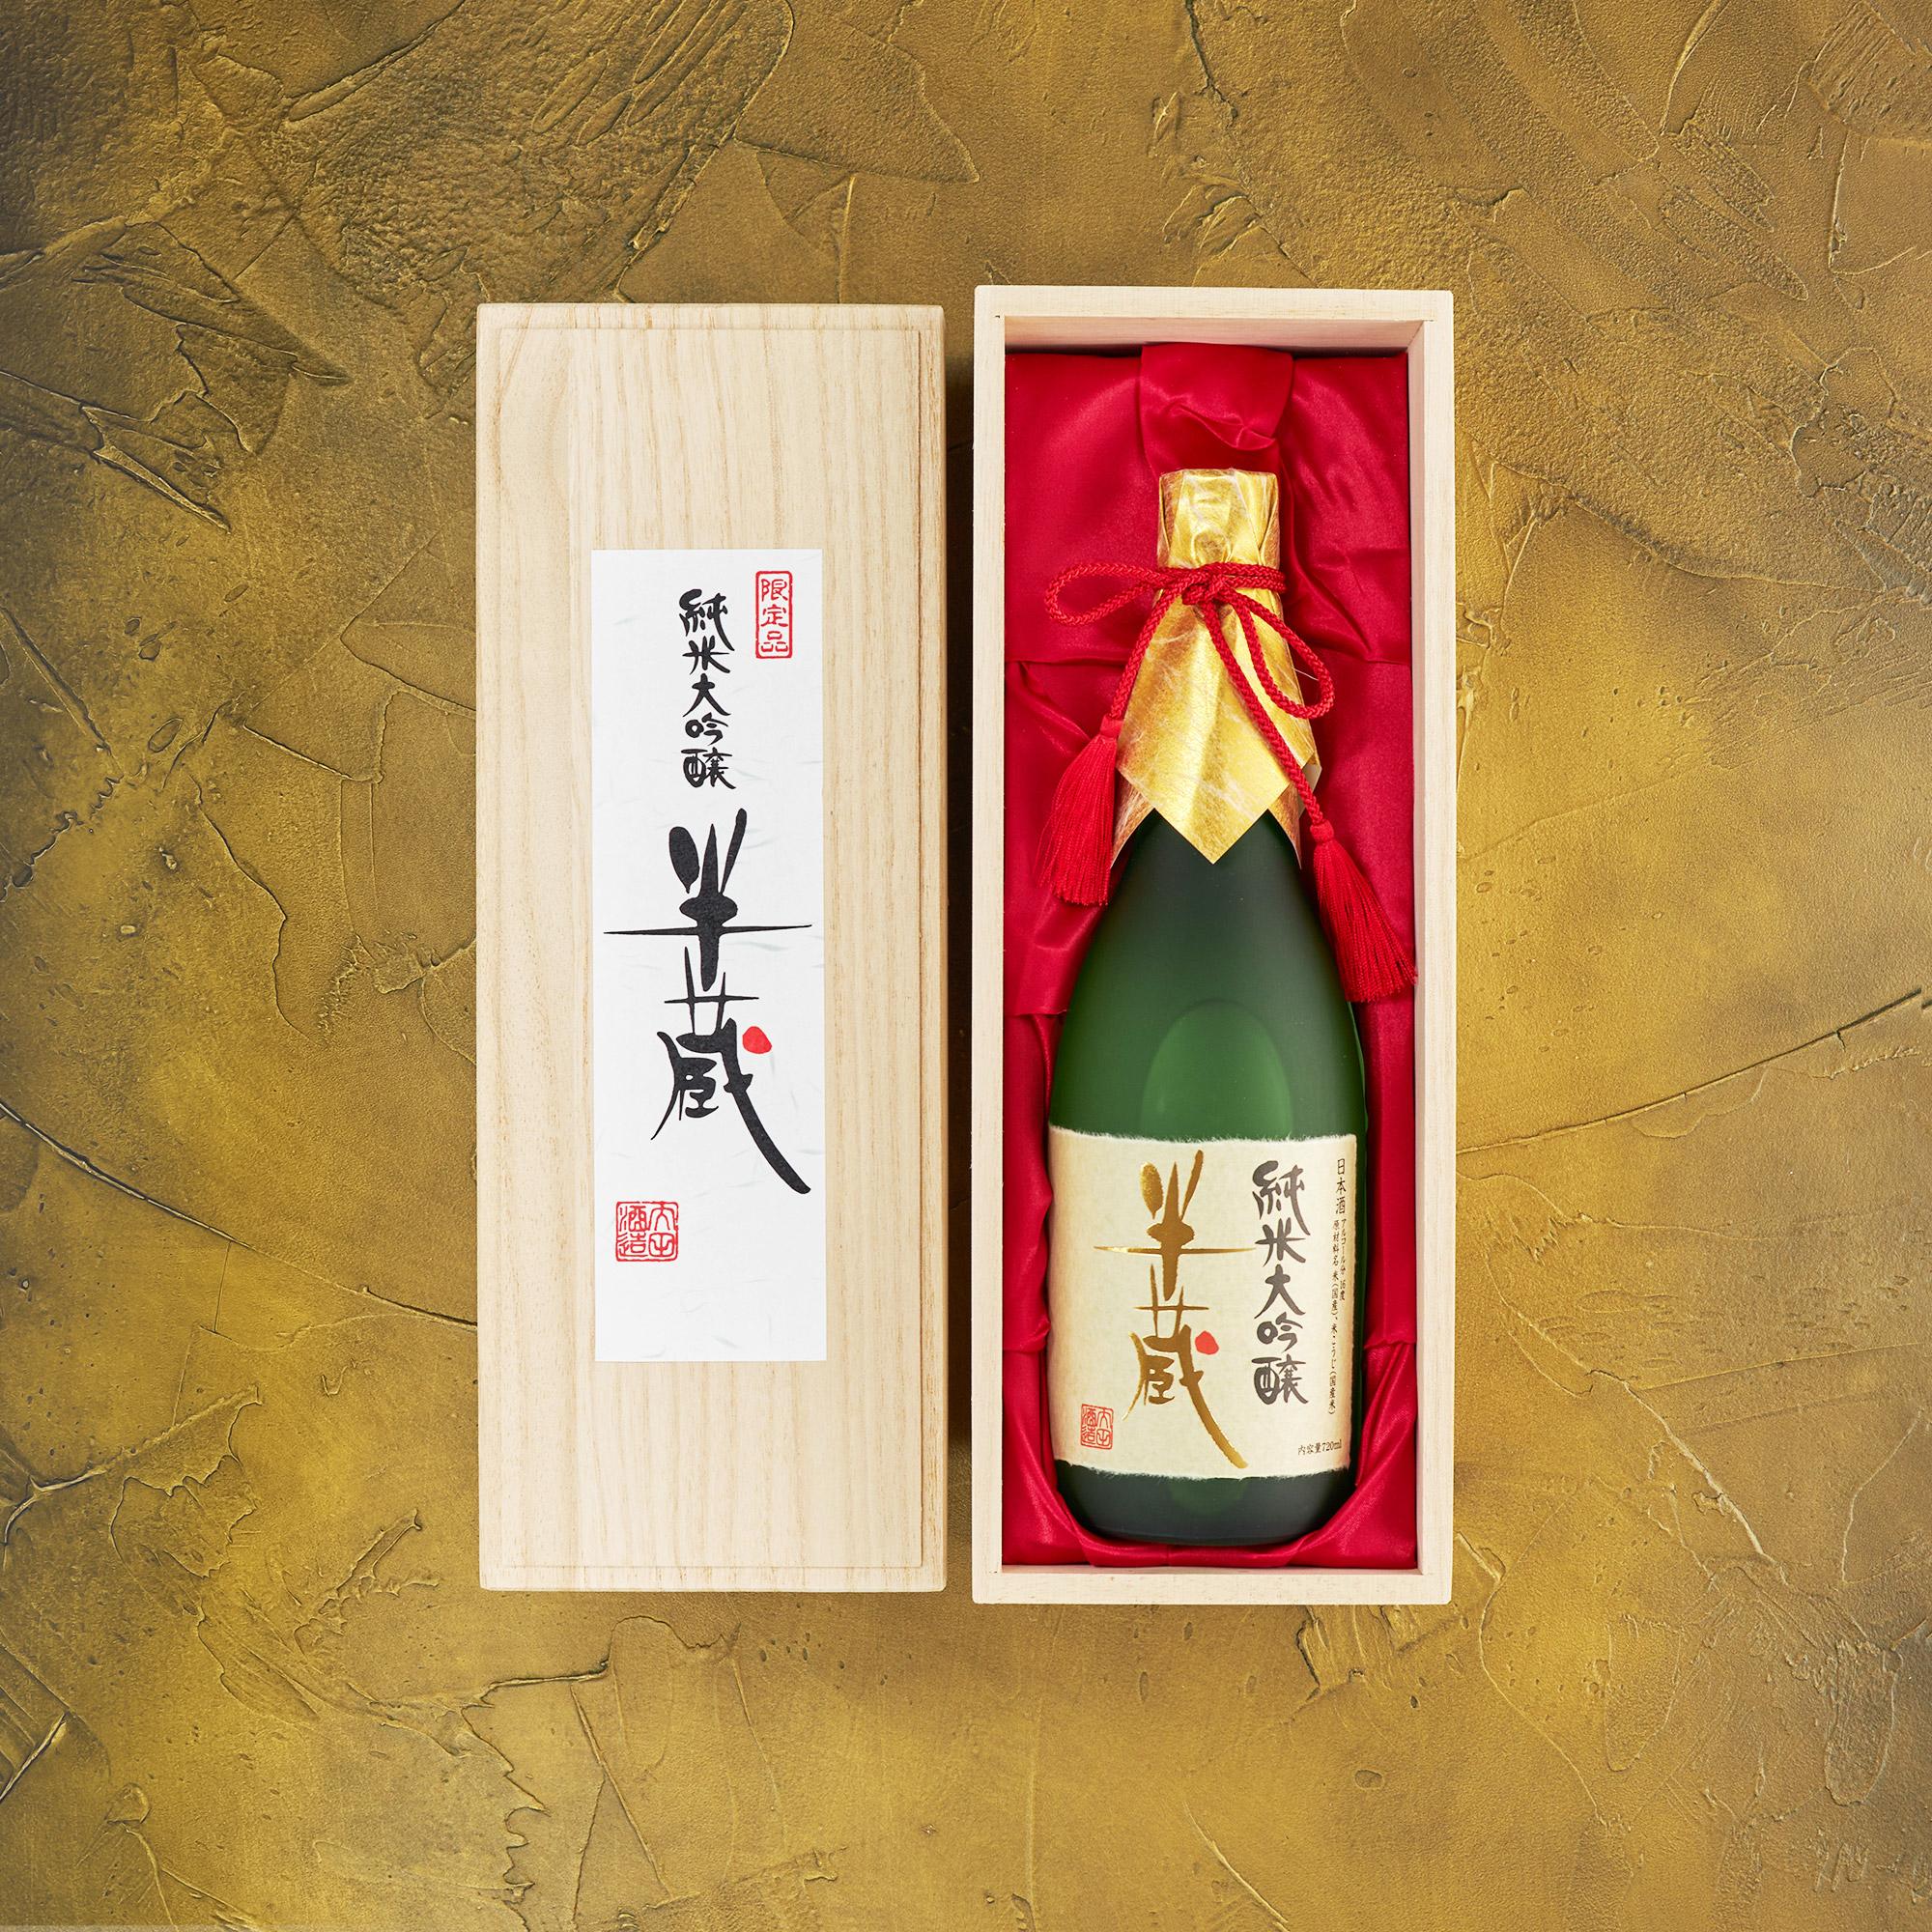 半蔵 純米大吟醸 山田錦40% 木箱入